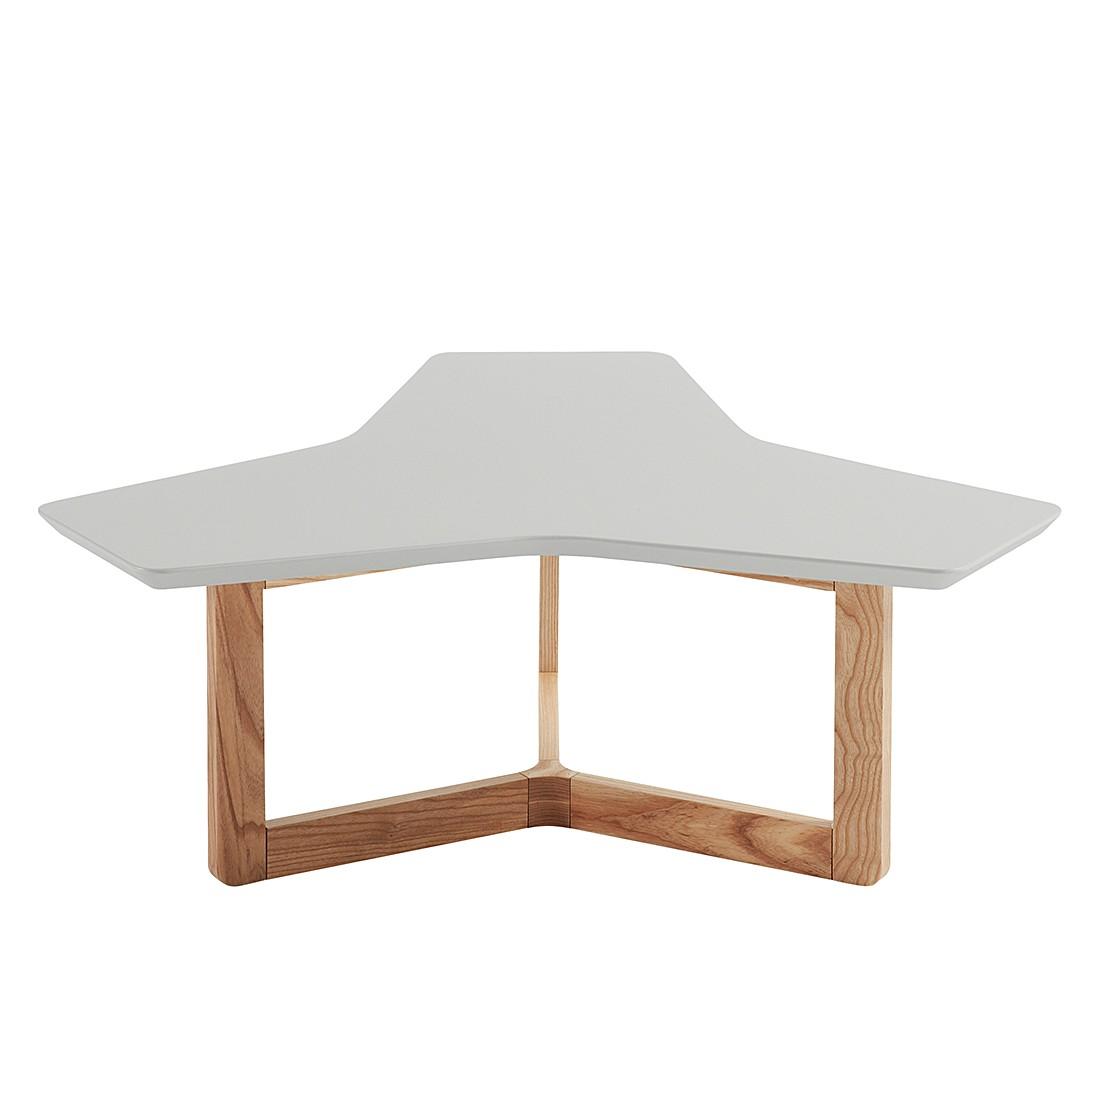 Tavolino da salotto Larne - Grigio opaco / Frassino, Morteens